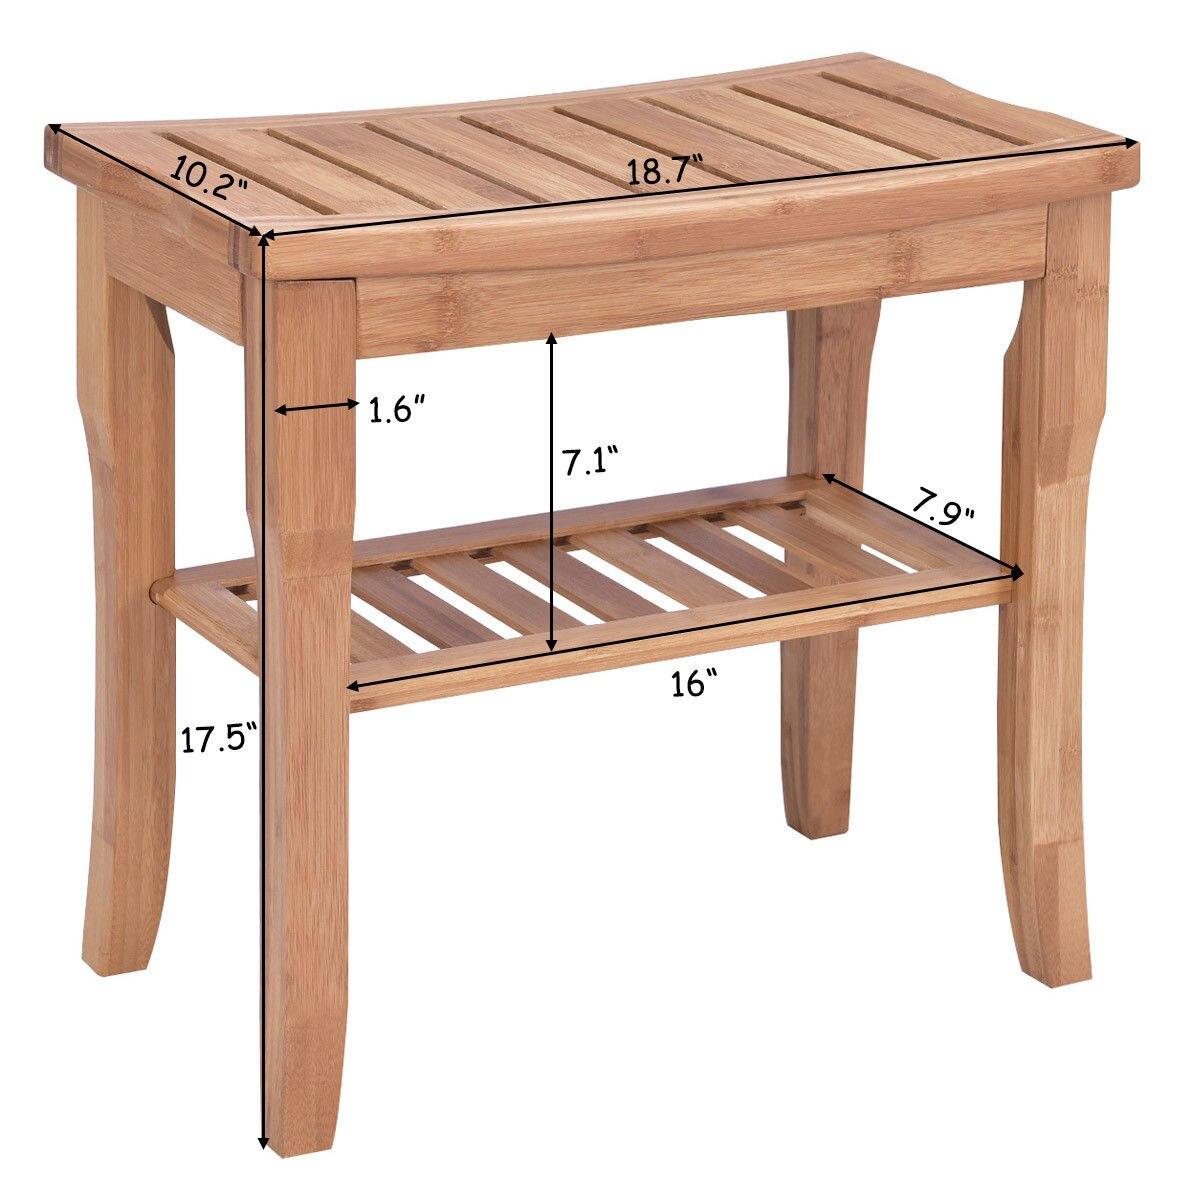 €37.58 |Giantex bambou chaise de douche siège banc moderne bois salle de  bain Spa bain organisateur tabouret avec étagère de rangement BA7268-in ...